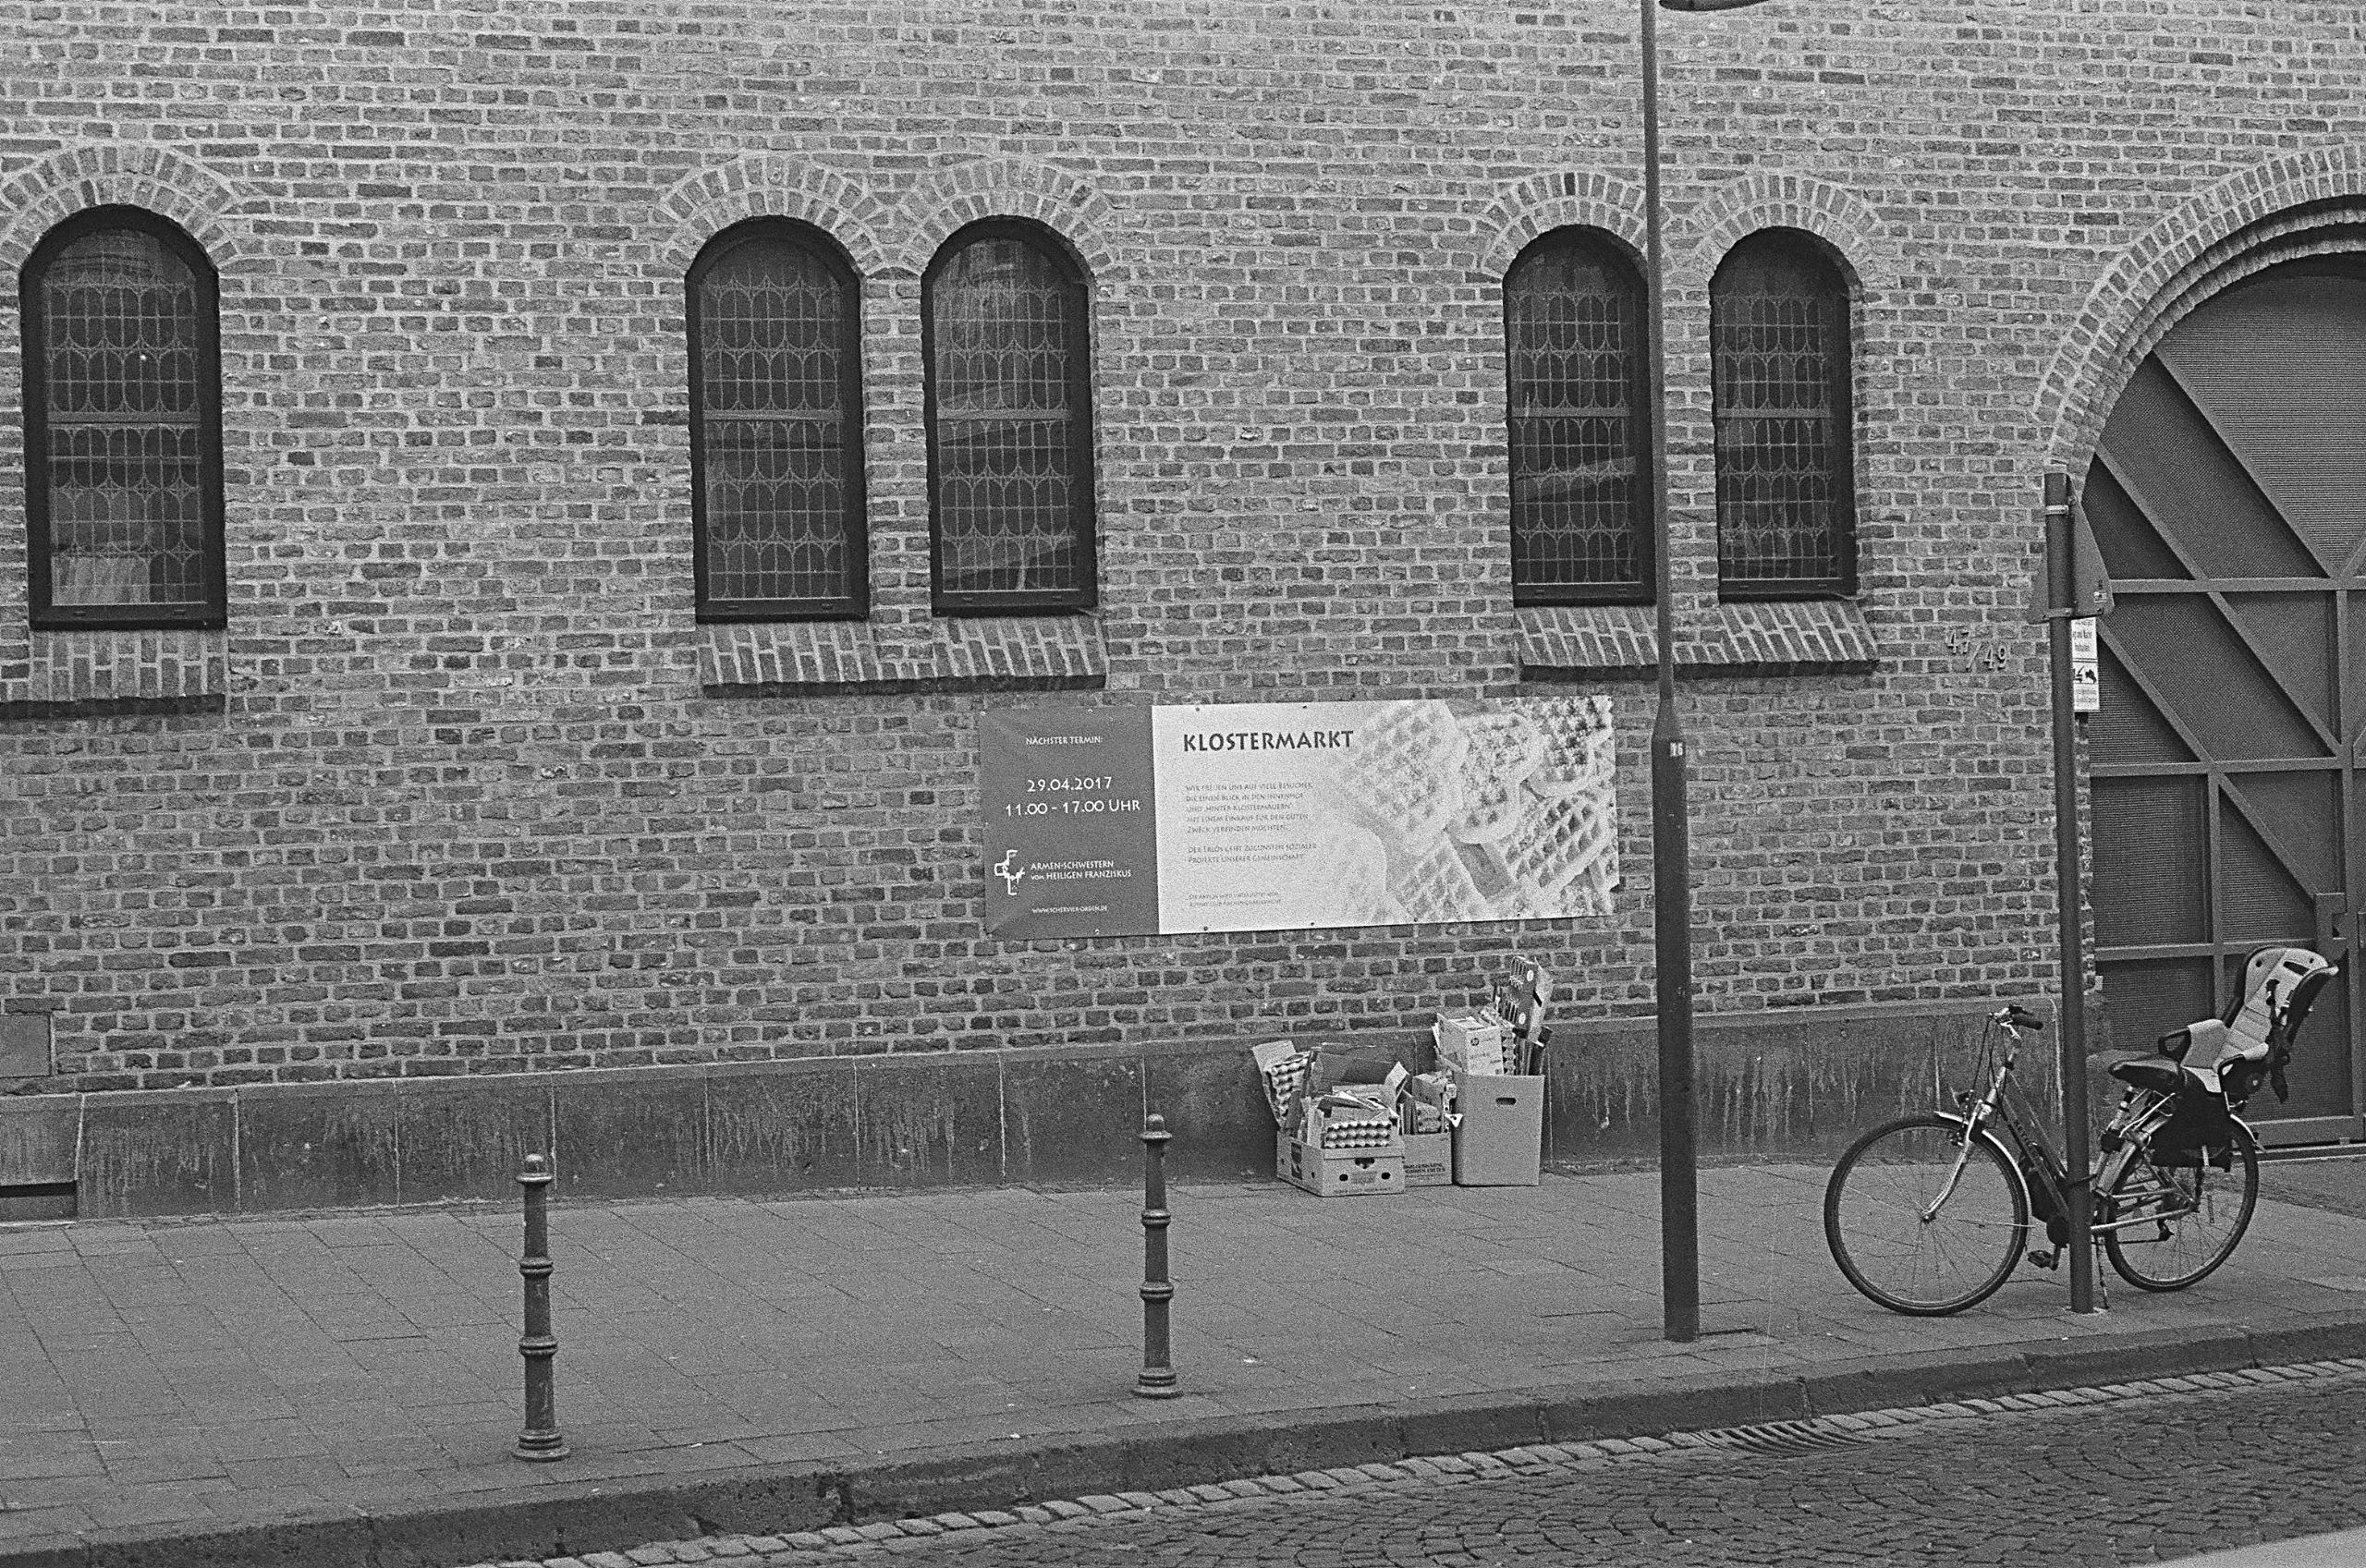 Klostermarkt Kleinmarschierstra - walter_ac   ello